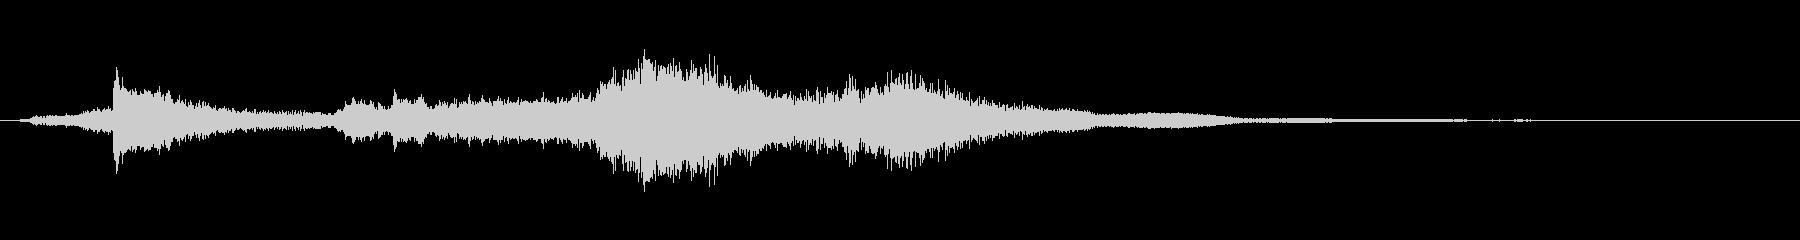 不思議さを演出するときの効果音の未再生の波形